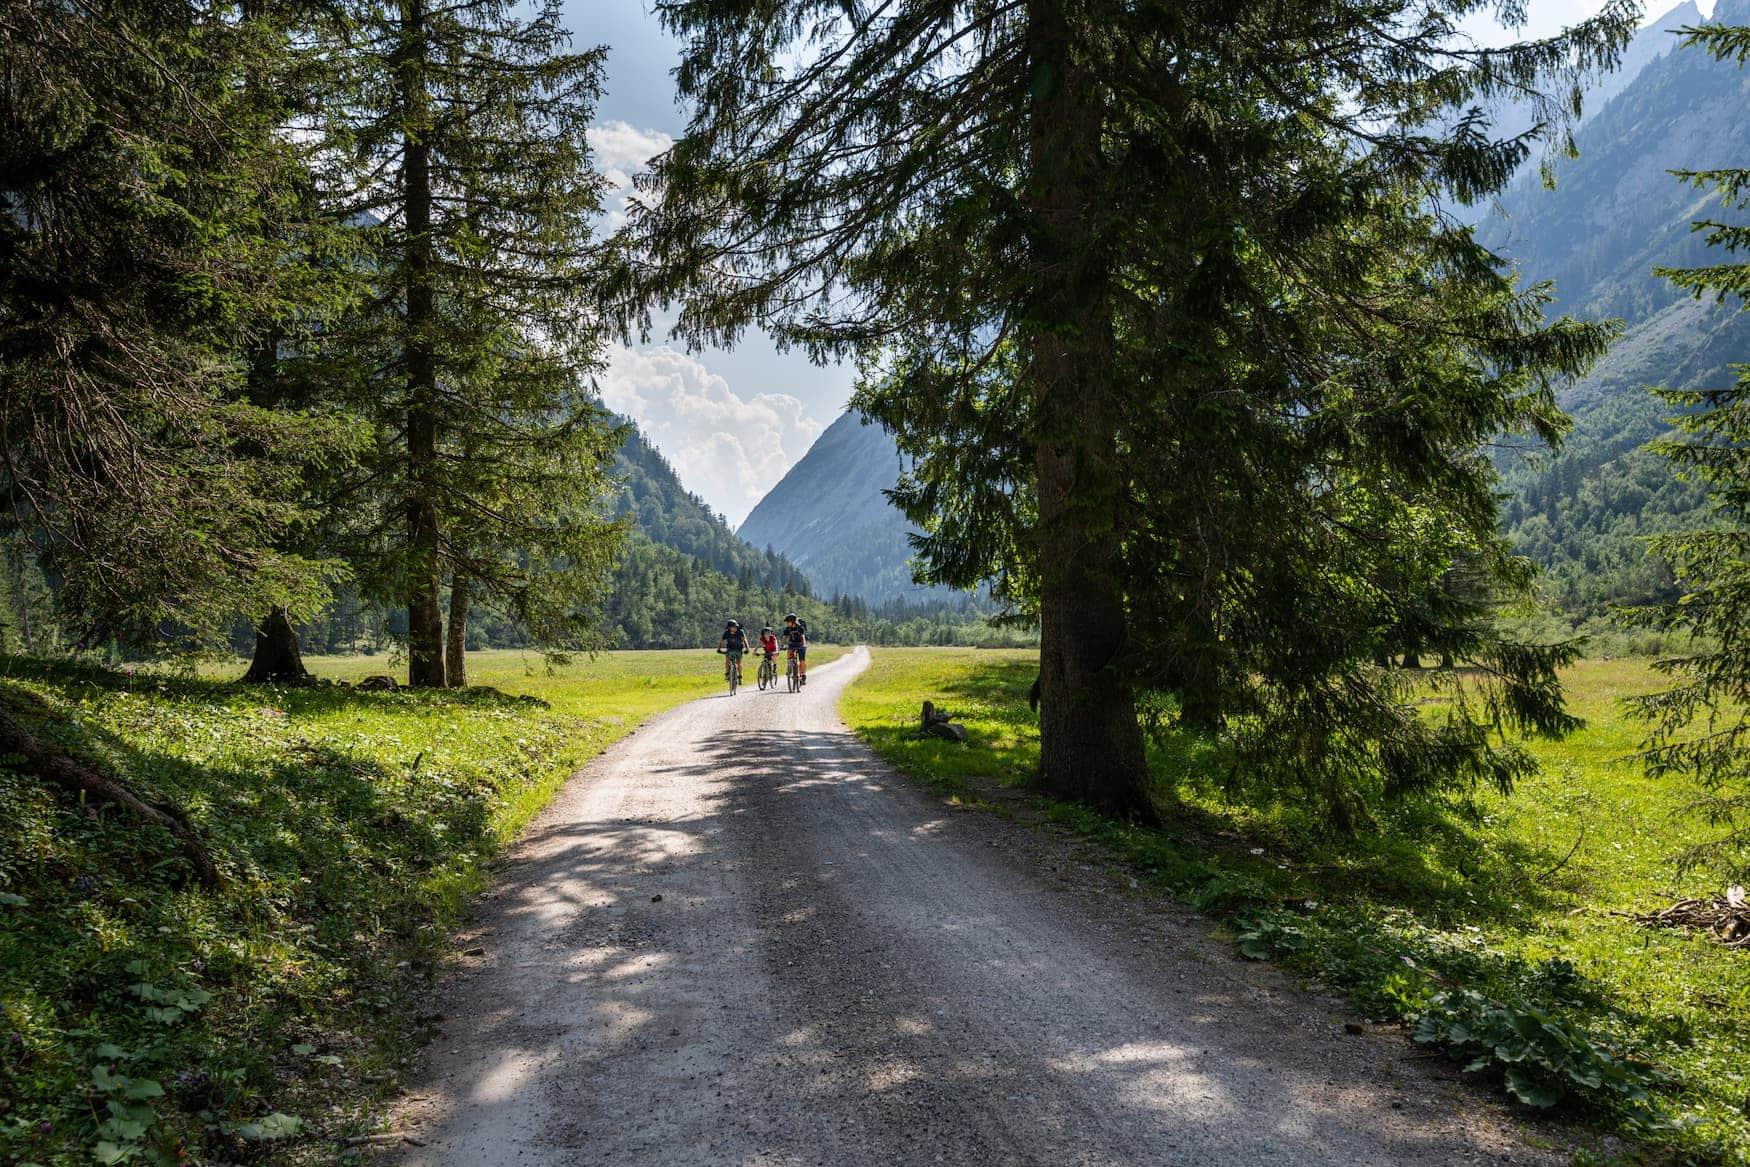 Fahrradfahrer auf Bike and Hike Tour in den Bergen